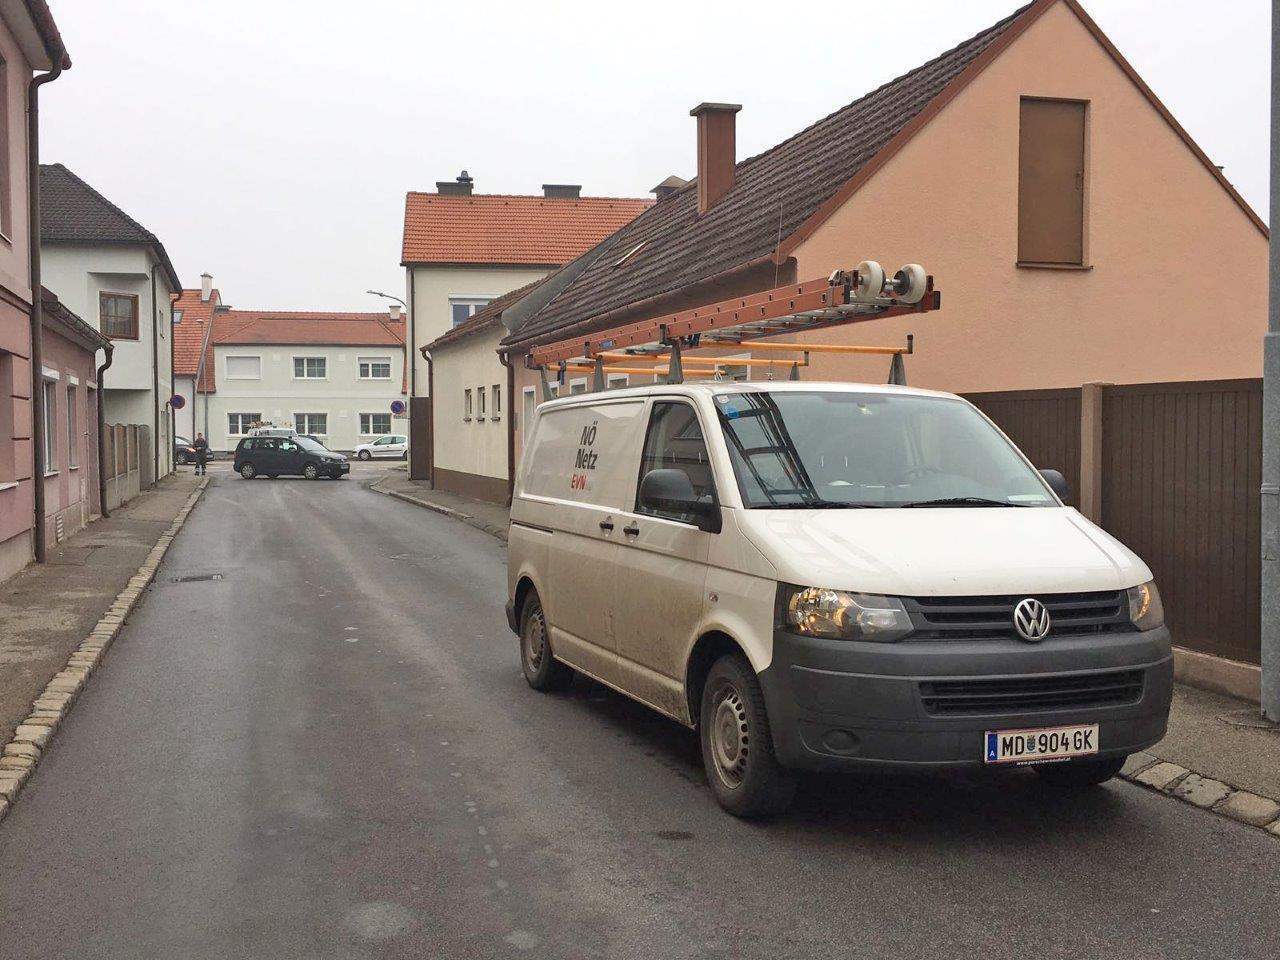 Neunkirchen - Gefährlich: Lkw gerät mit Kran in ...